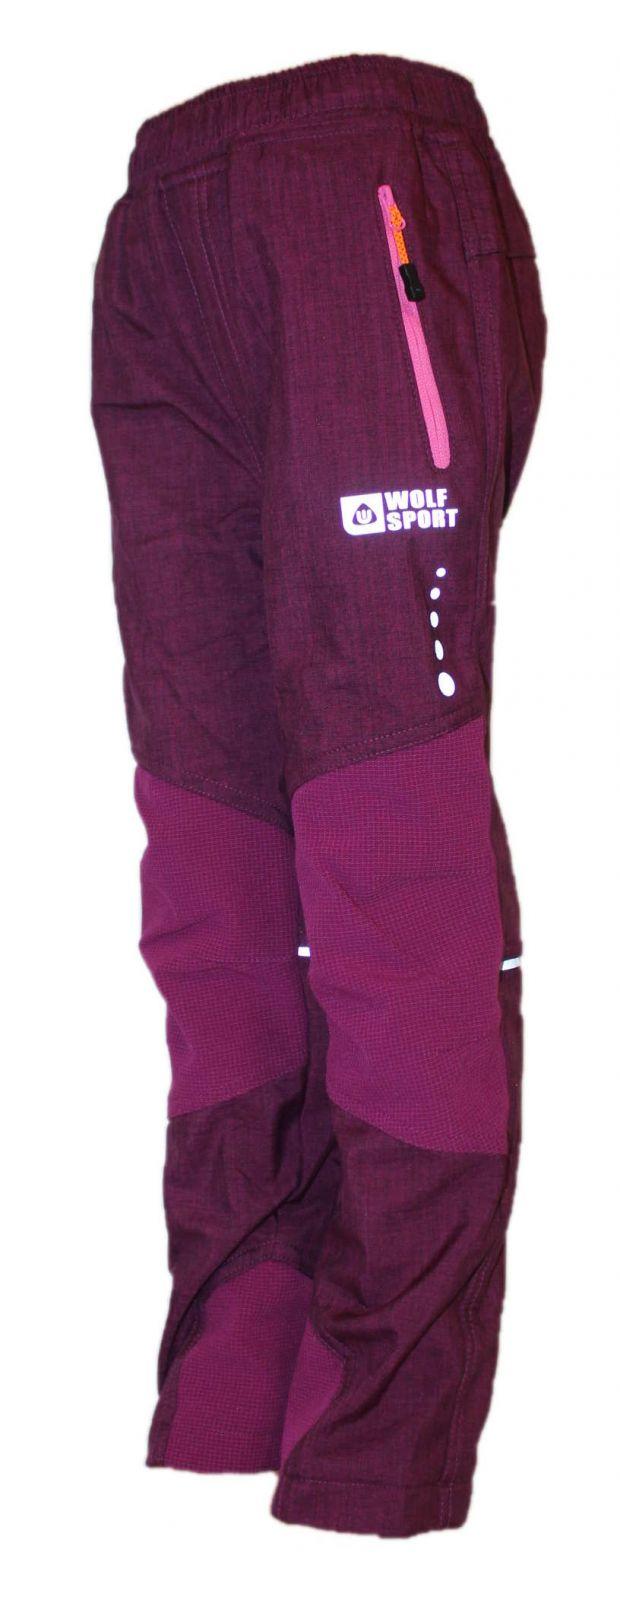 Dětské zateplené softshellové kalhoty WOLF, podzimní kalhoty, zimní kalhoty